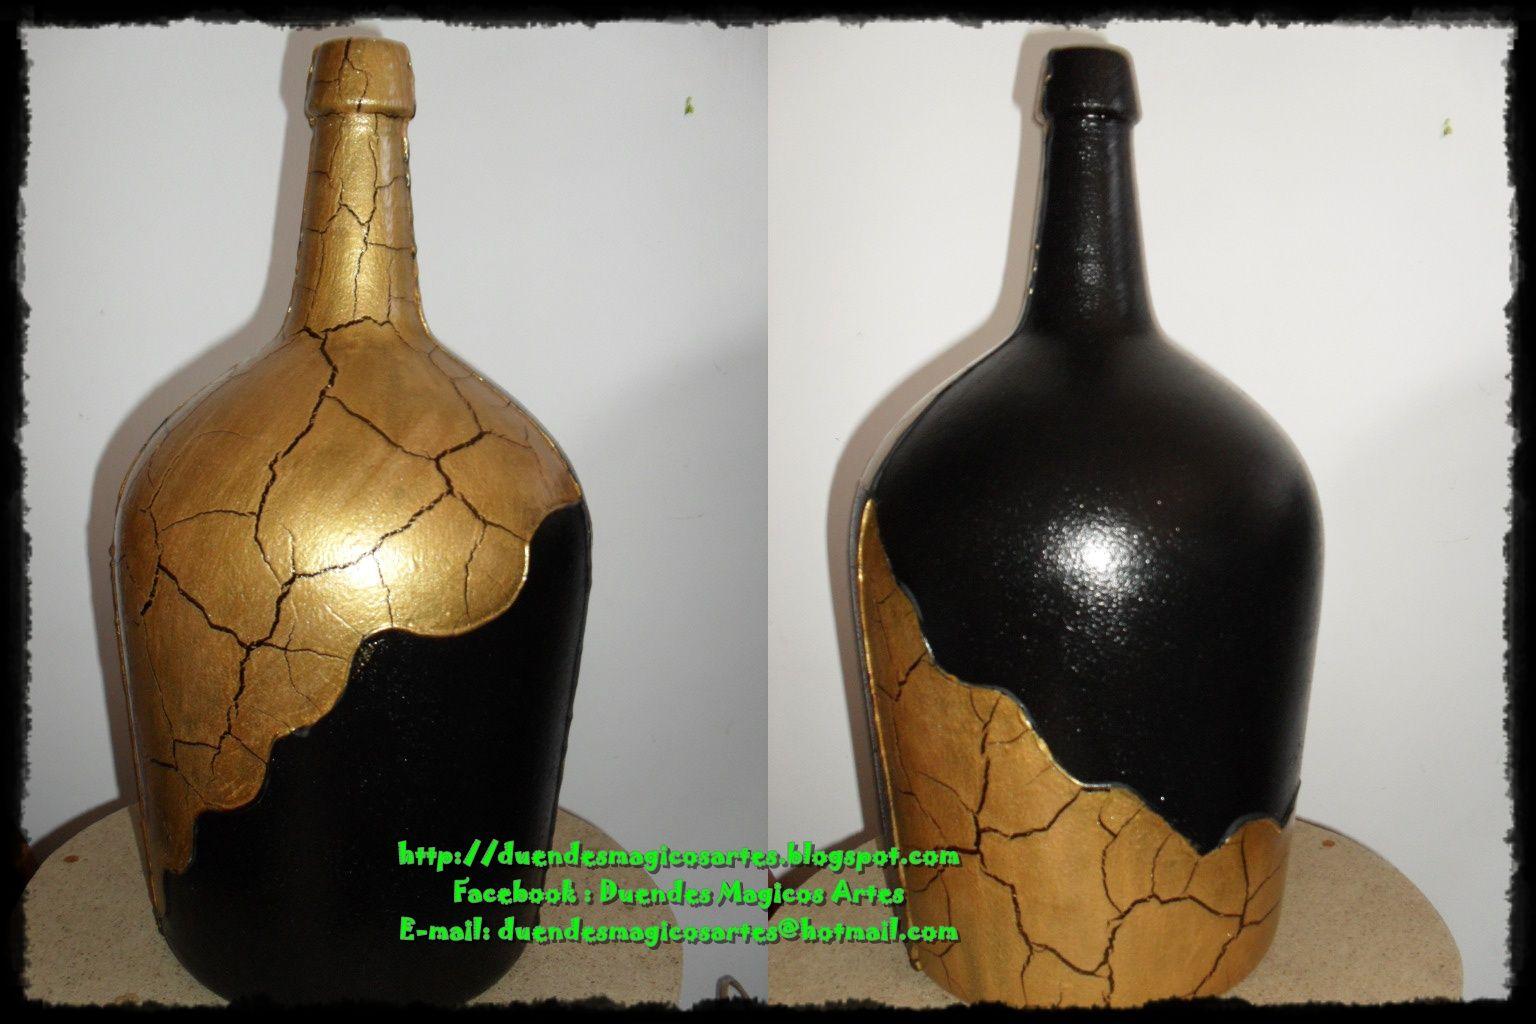 Pin de elba ferrer gomez en botellas pinterest for Jarrones de vidrio decorados